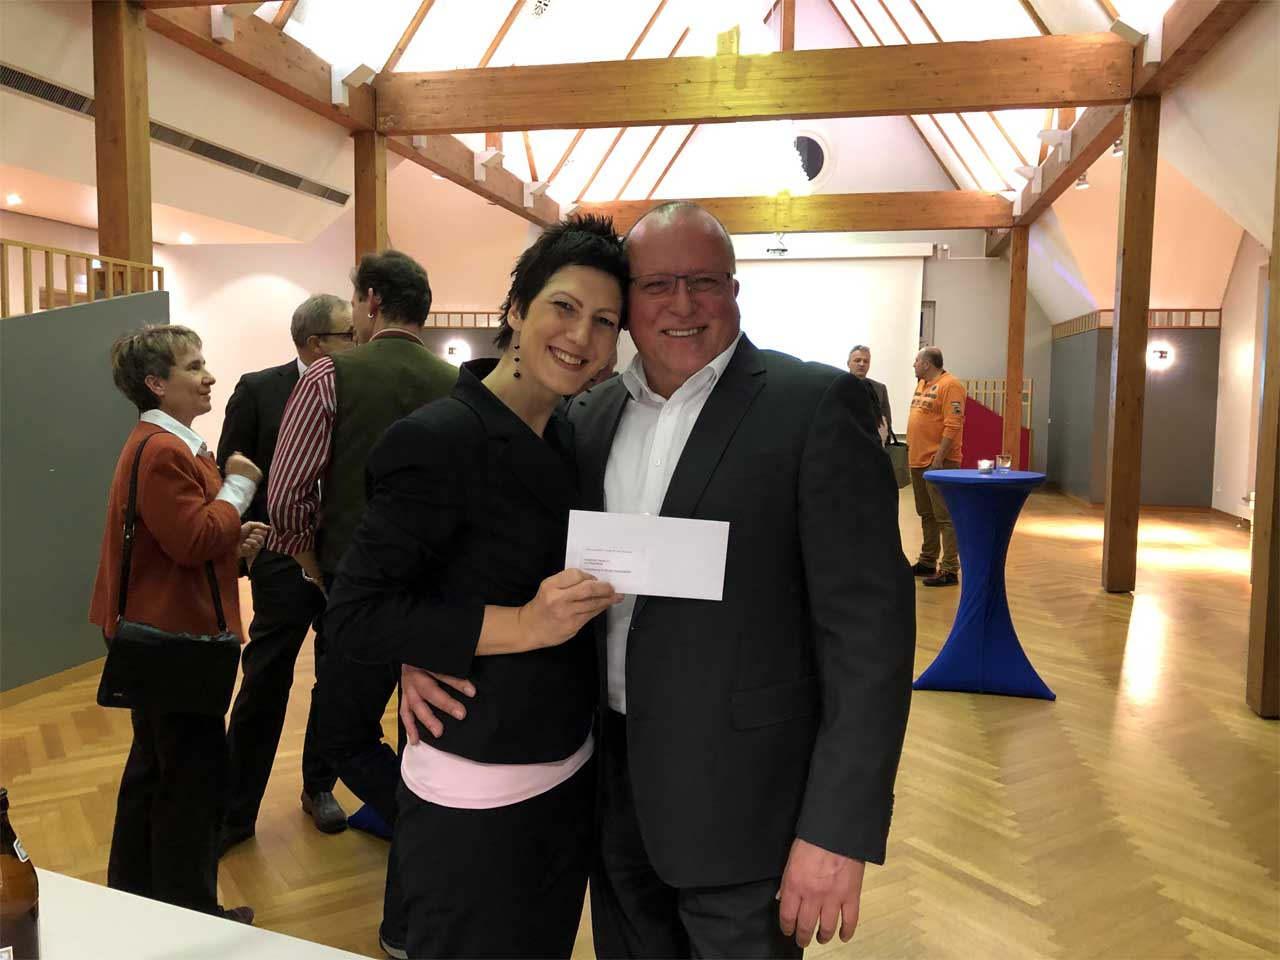 Spendenübergabe Carlo Hofstetter an Eva Klingenberg